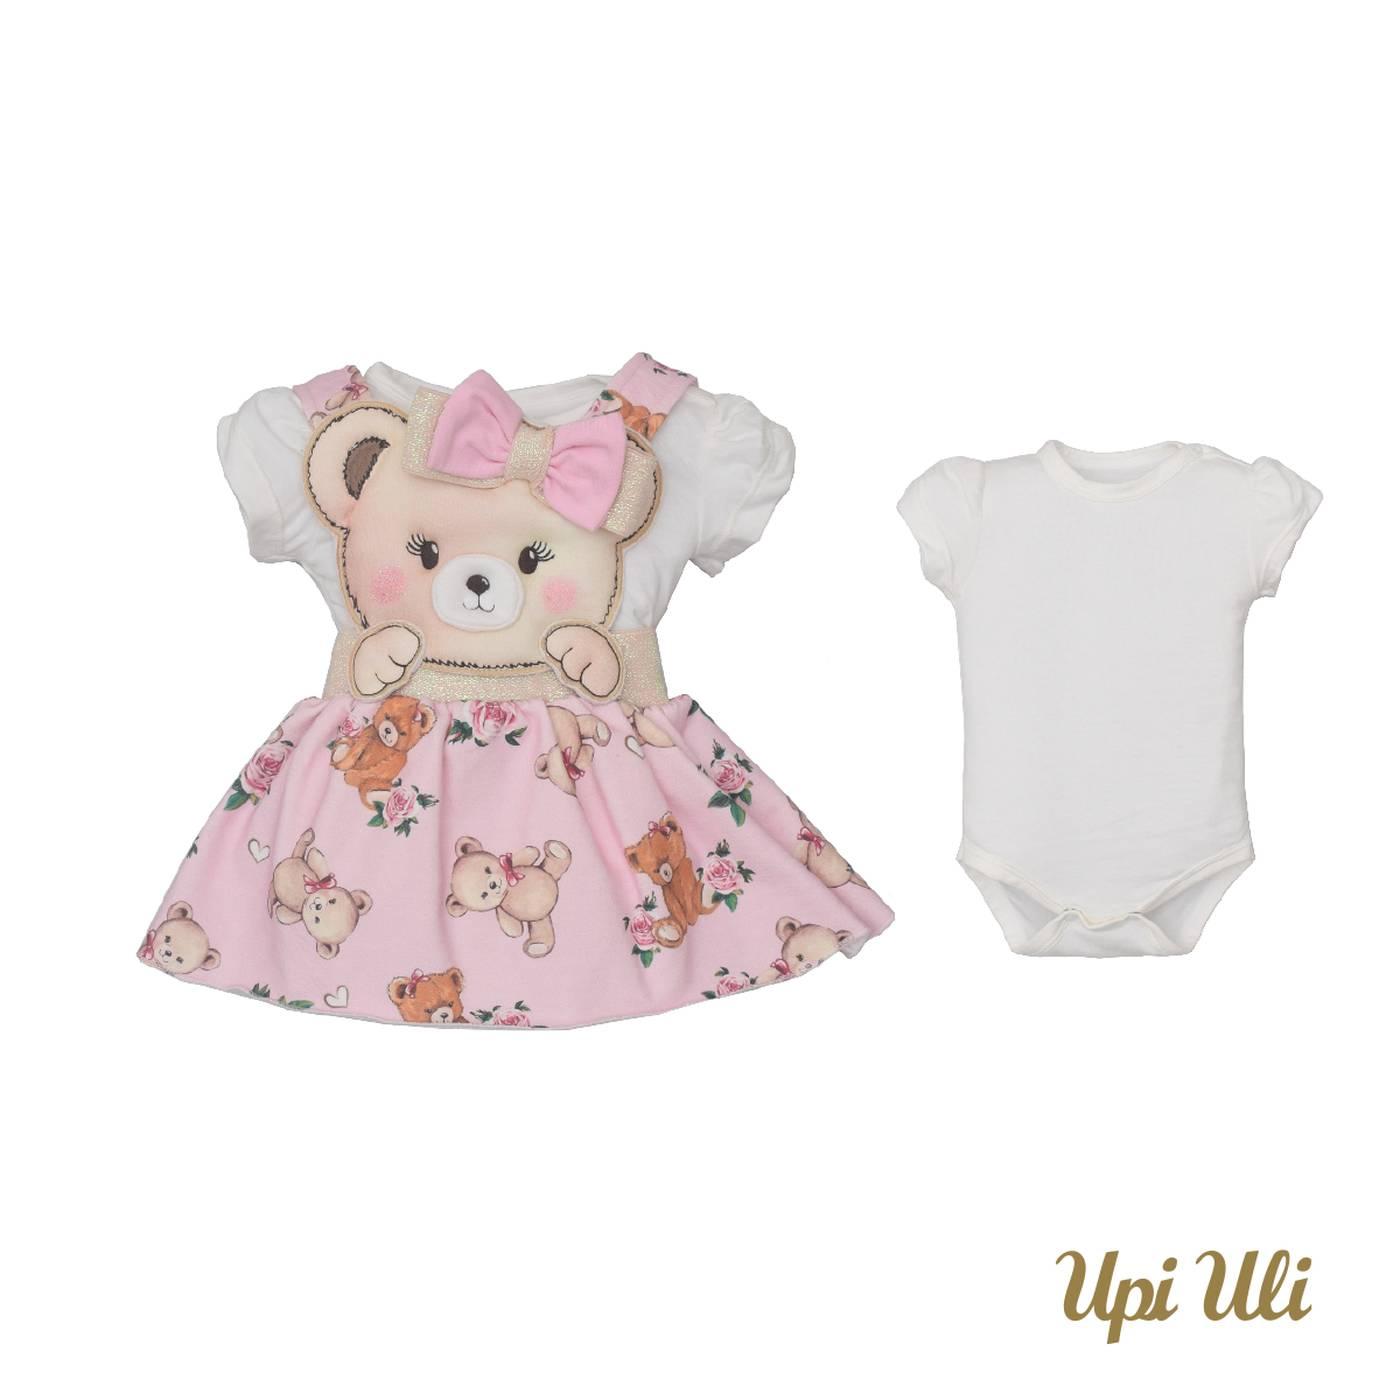 Vestido De Bebê C/Body Cotton/Molecotton Maria Flor